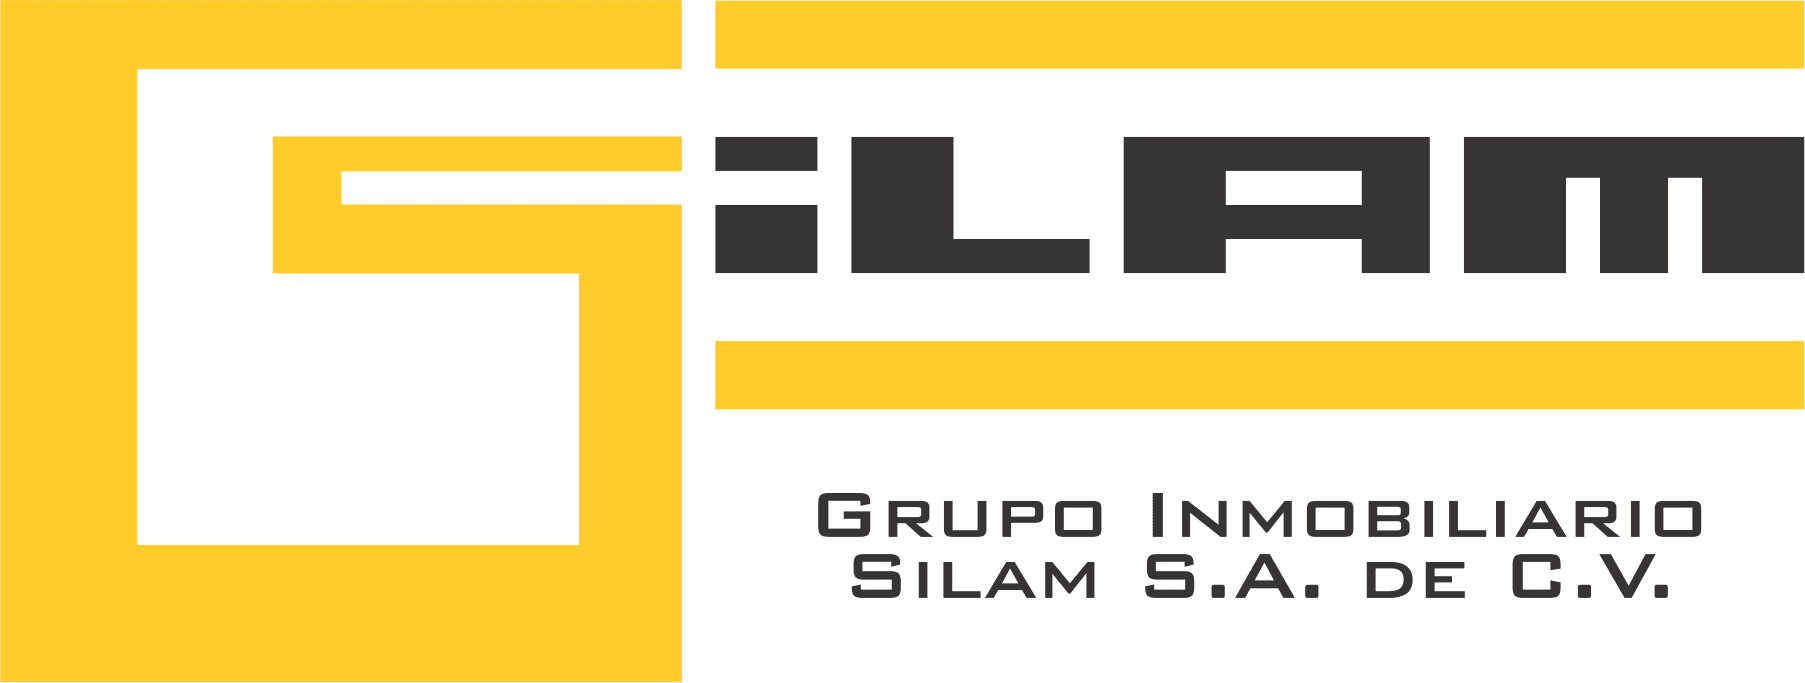 Logo de  Grupo Inmobiliario Silam